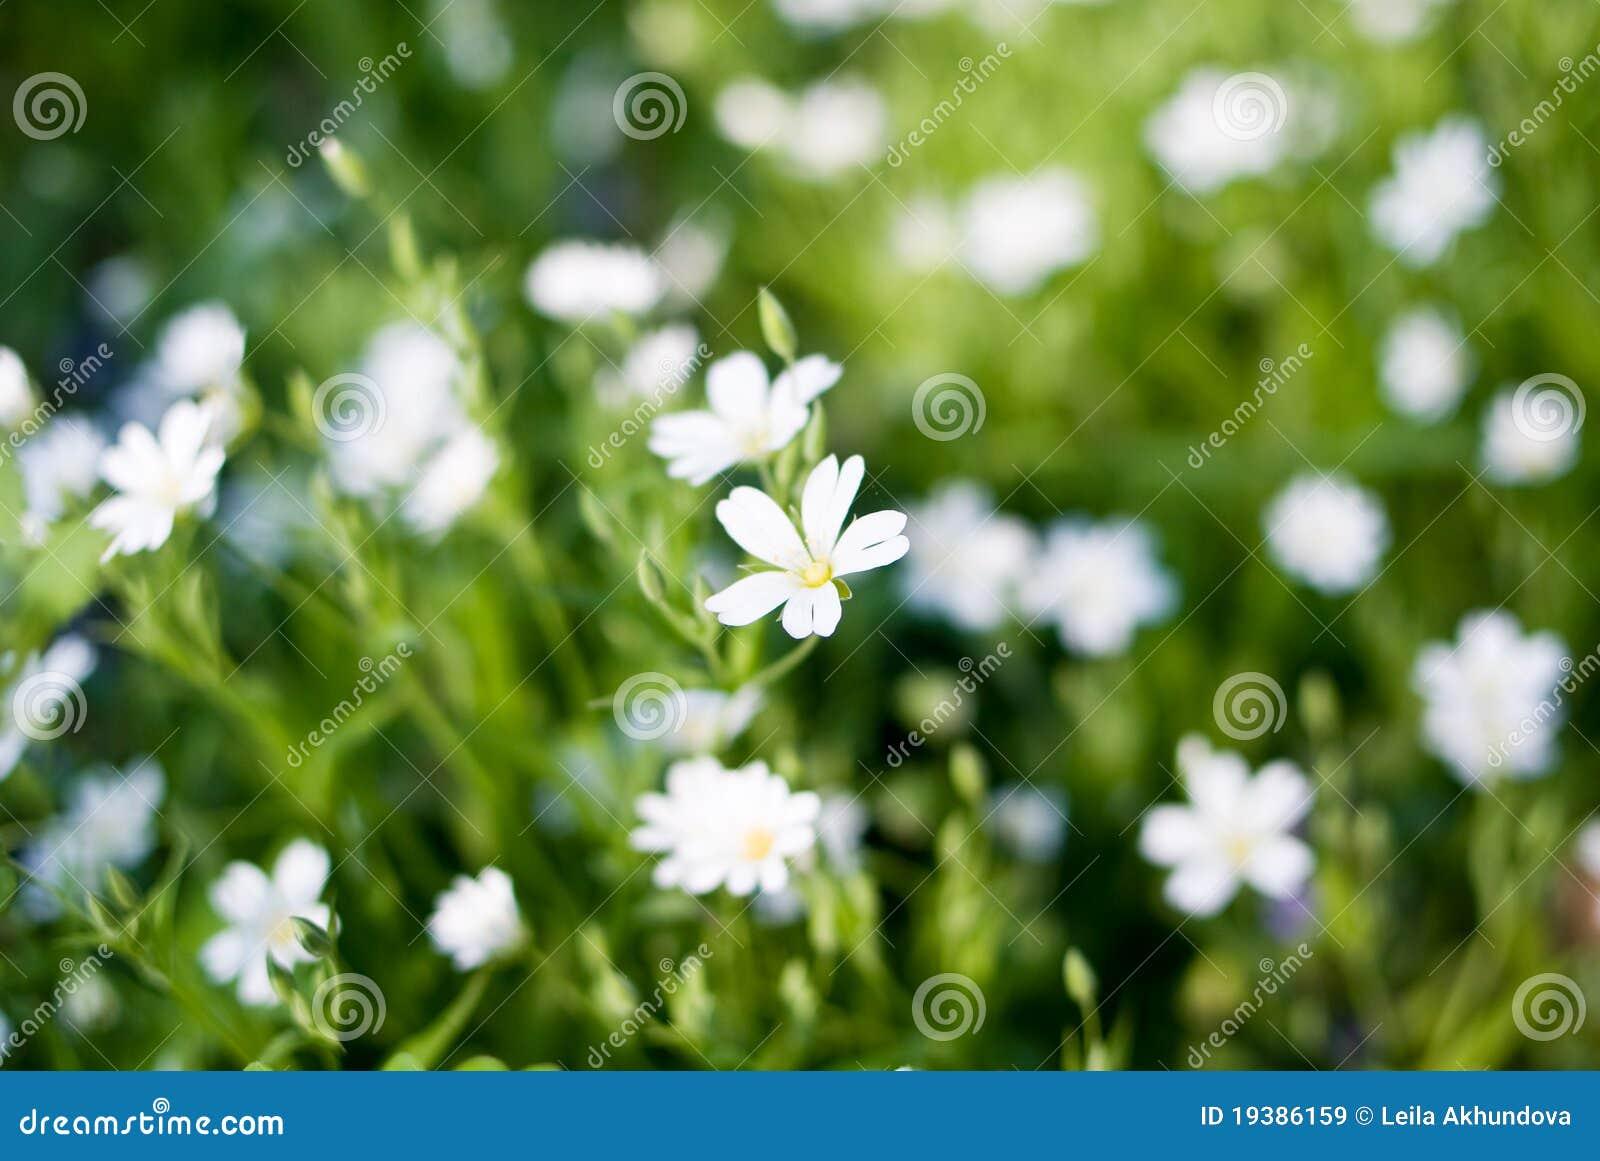 Piccoli fiori bianchi in fioritura immagine stock for Fiori piccoli bianchi